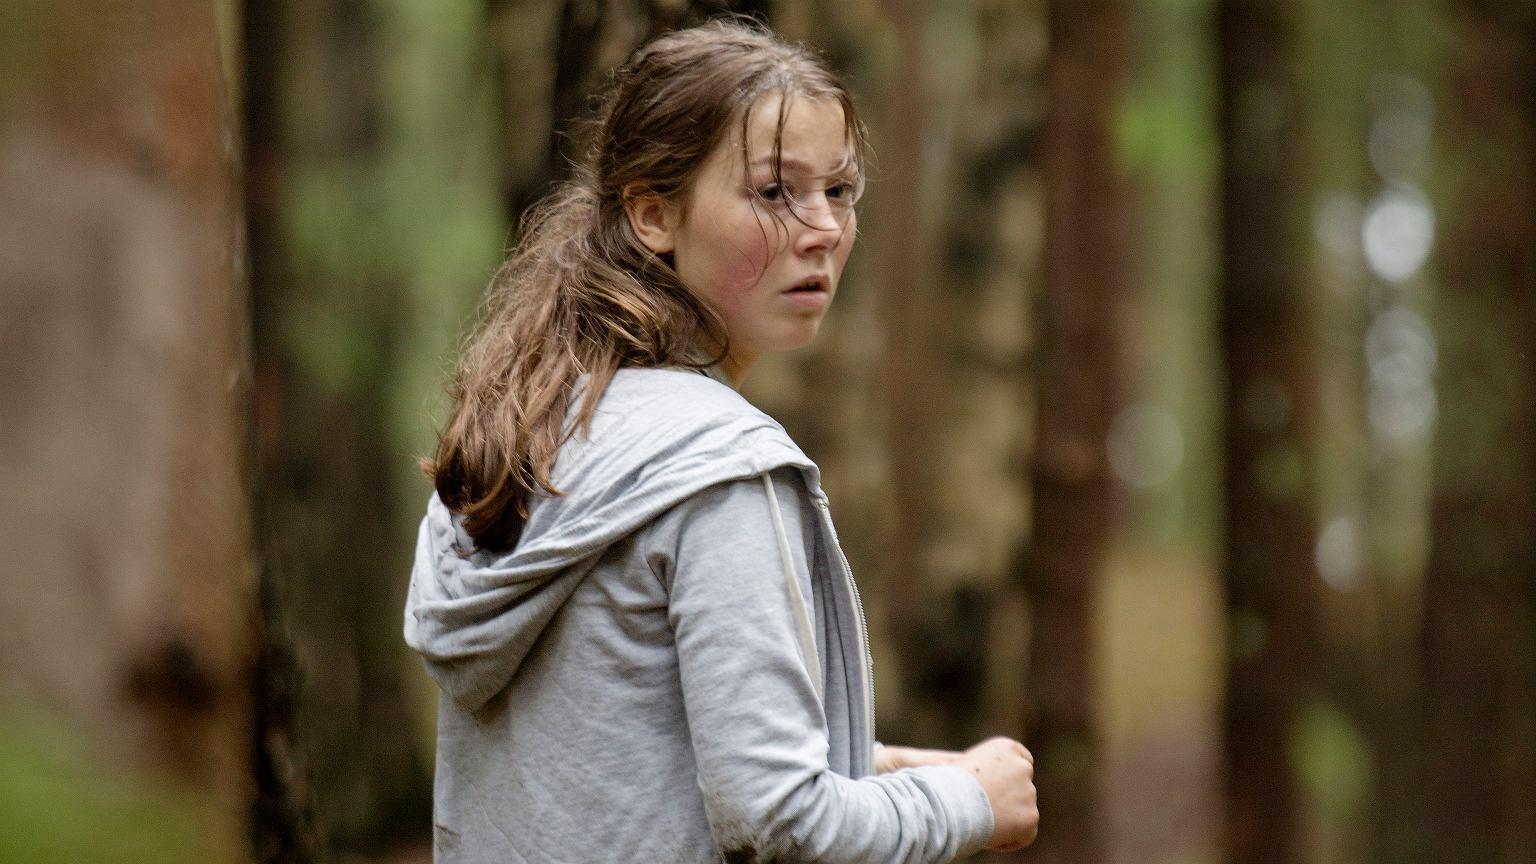 Berlinale 2018: Pokazano film o zbrodni Andersa Breivika. Reakcje? Buczenie i owacja na stojąco